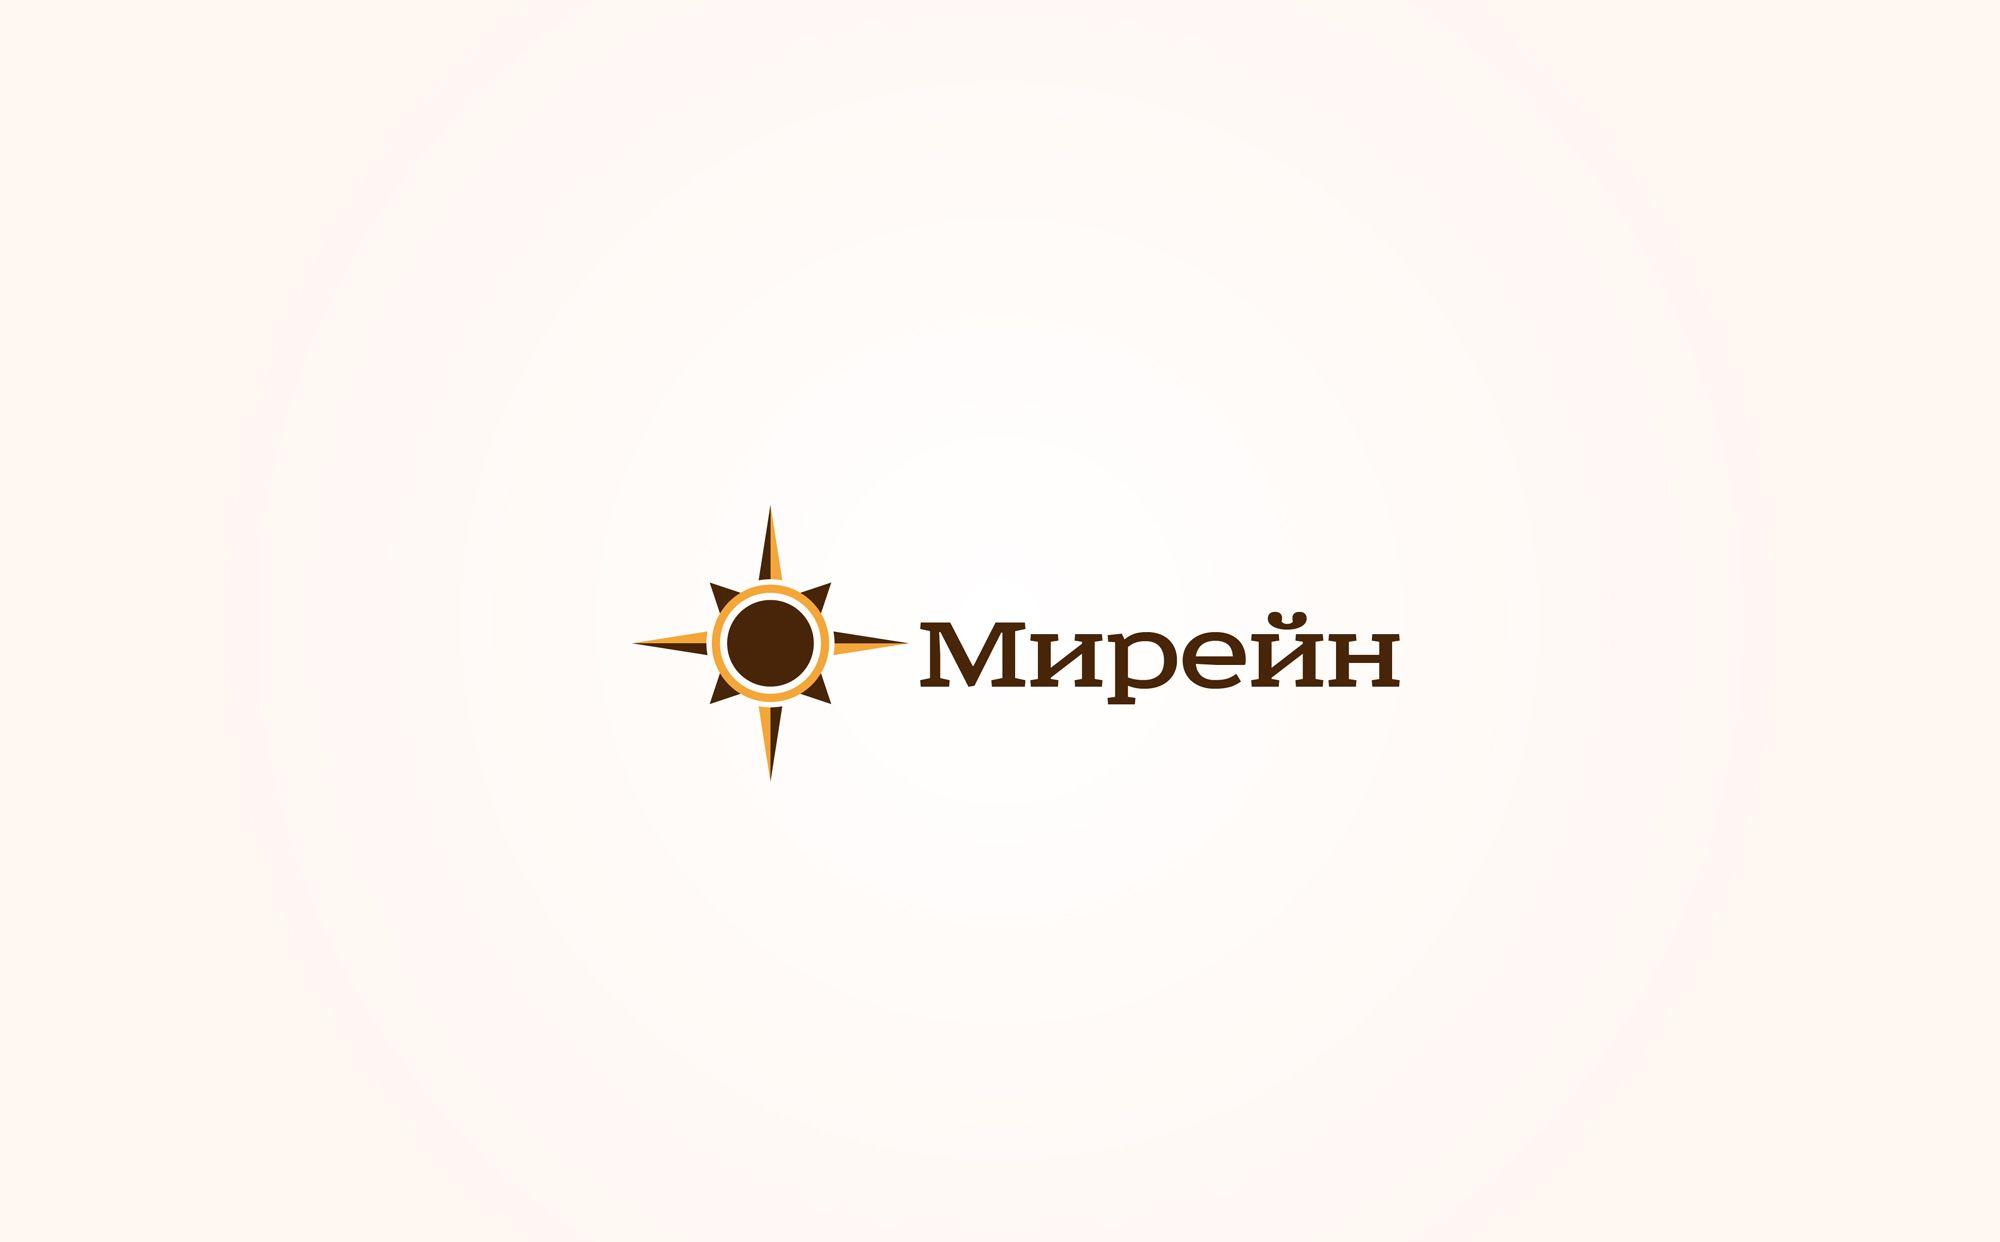 Логотип для группы компаний Мирейн - дизайнер mishha87